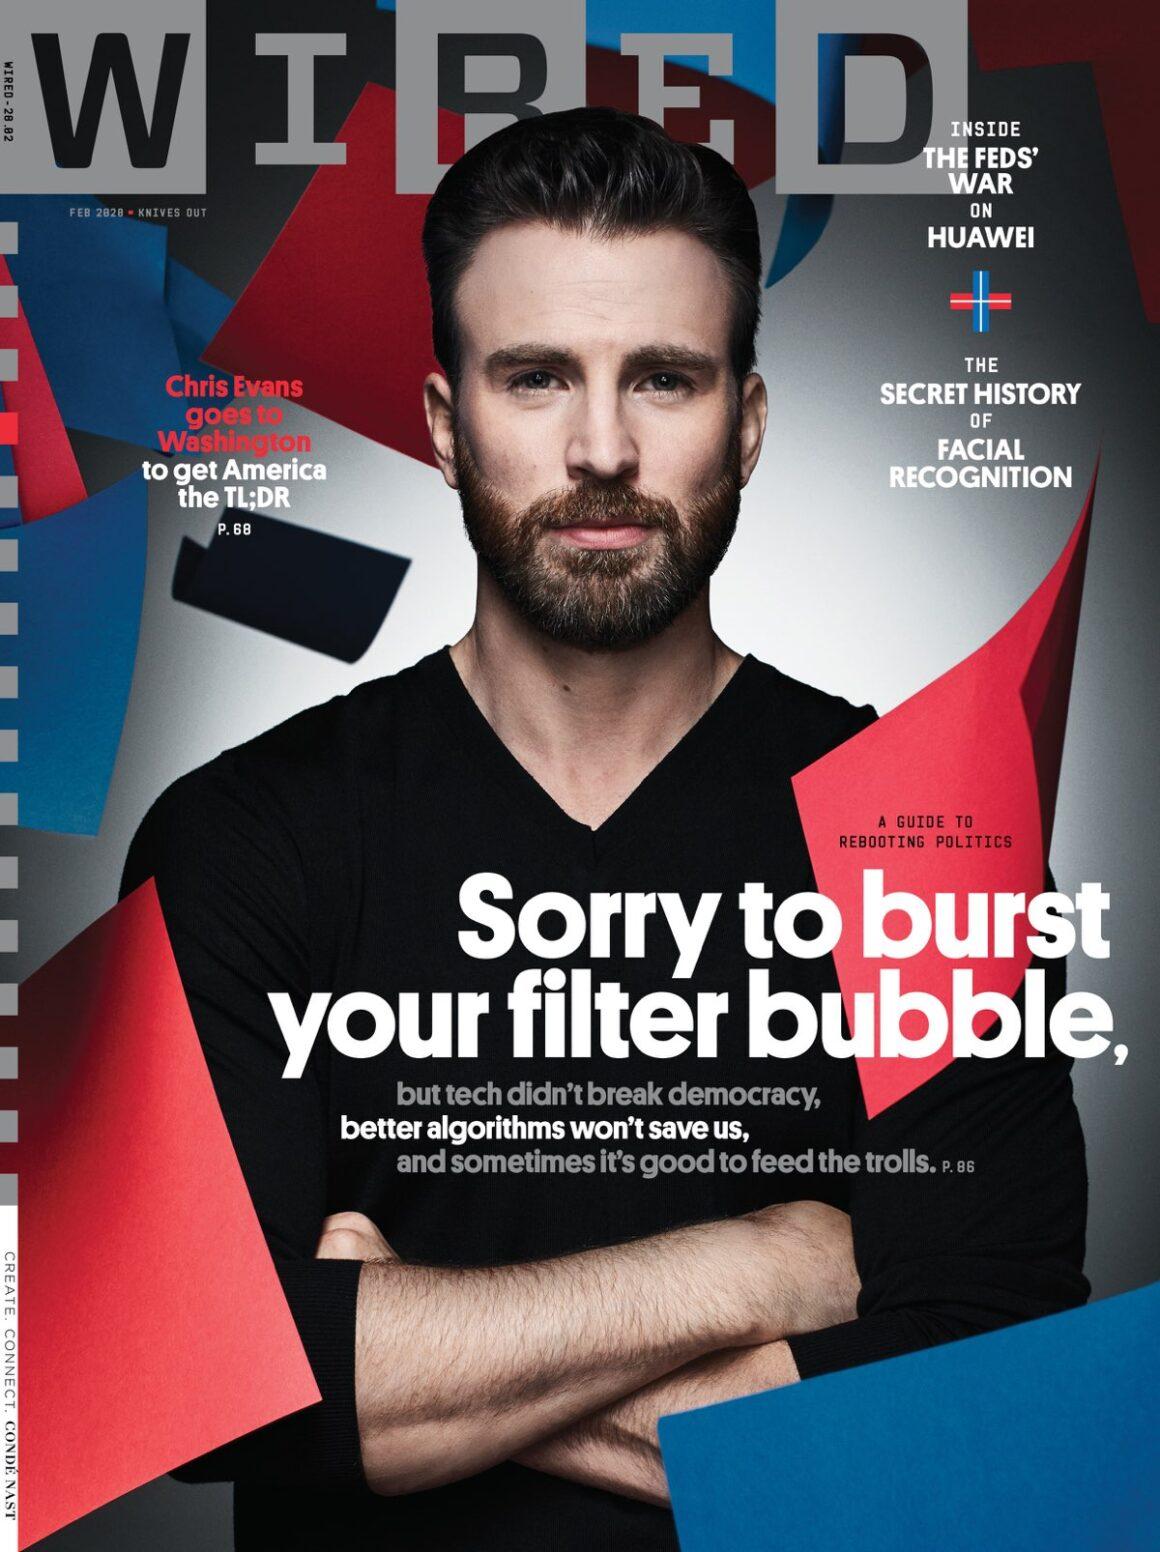 Chris Evans WIRED magazine